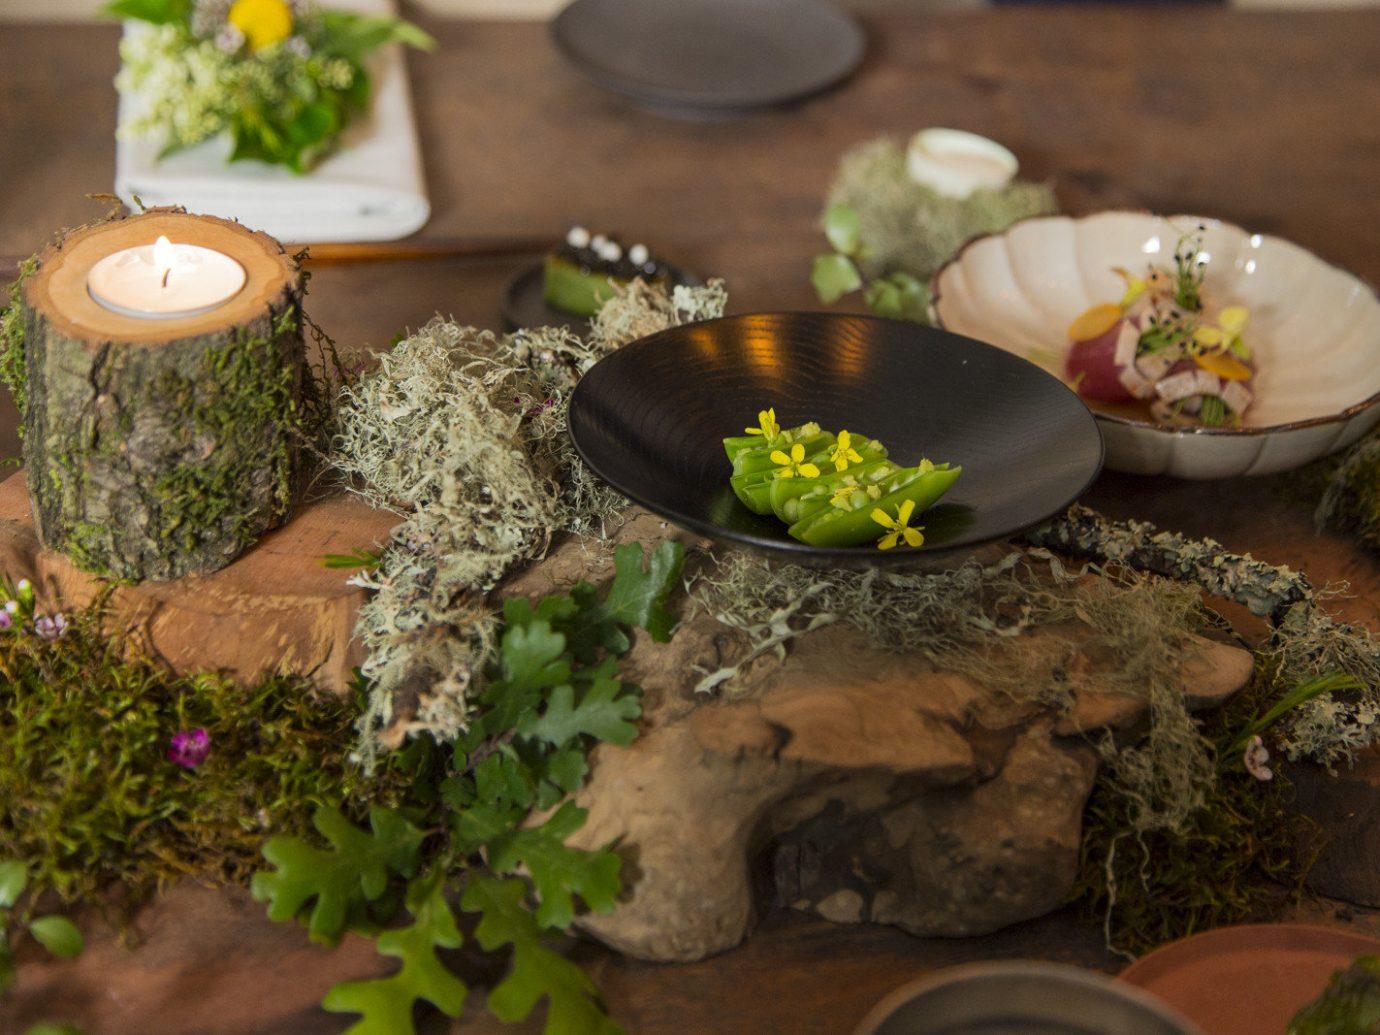 Food + Drink flower arranging floristry flower floral design backyard Garden meal herb food plant